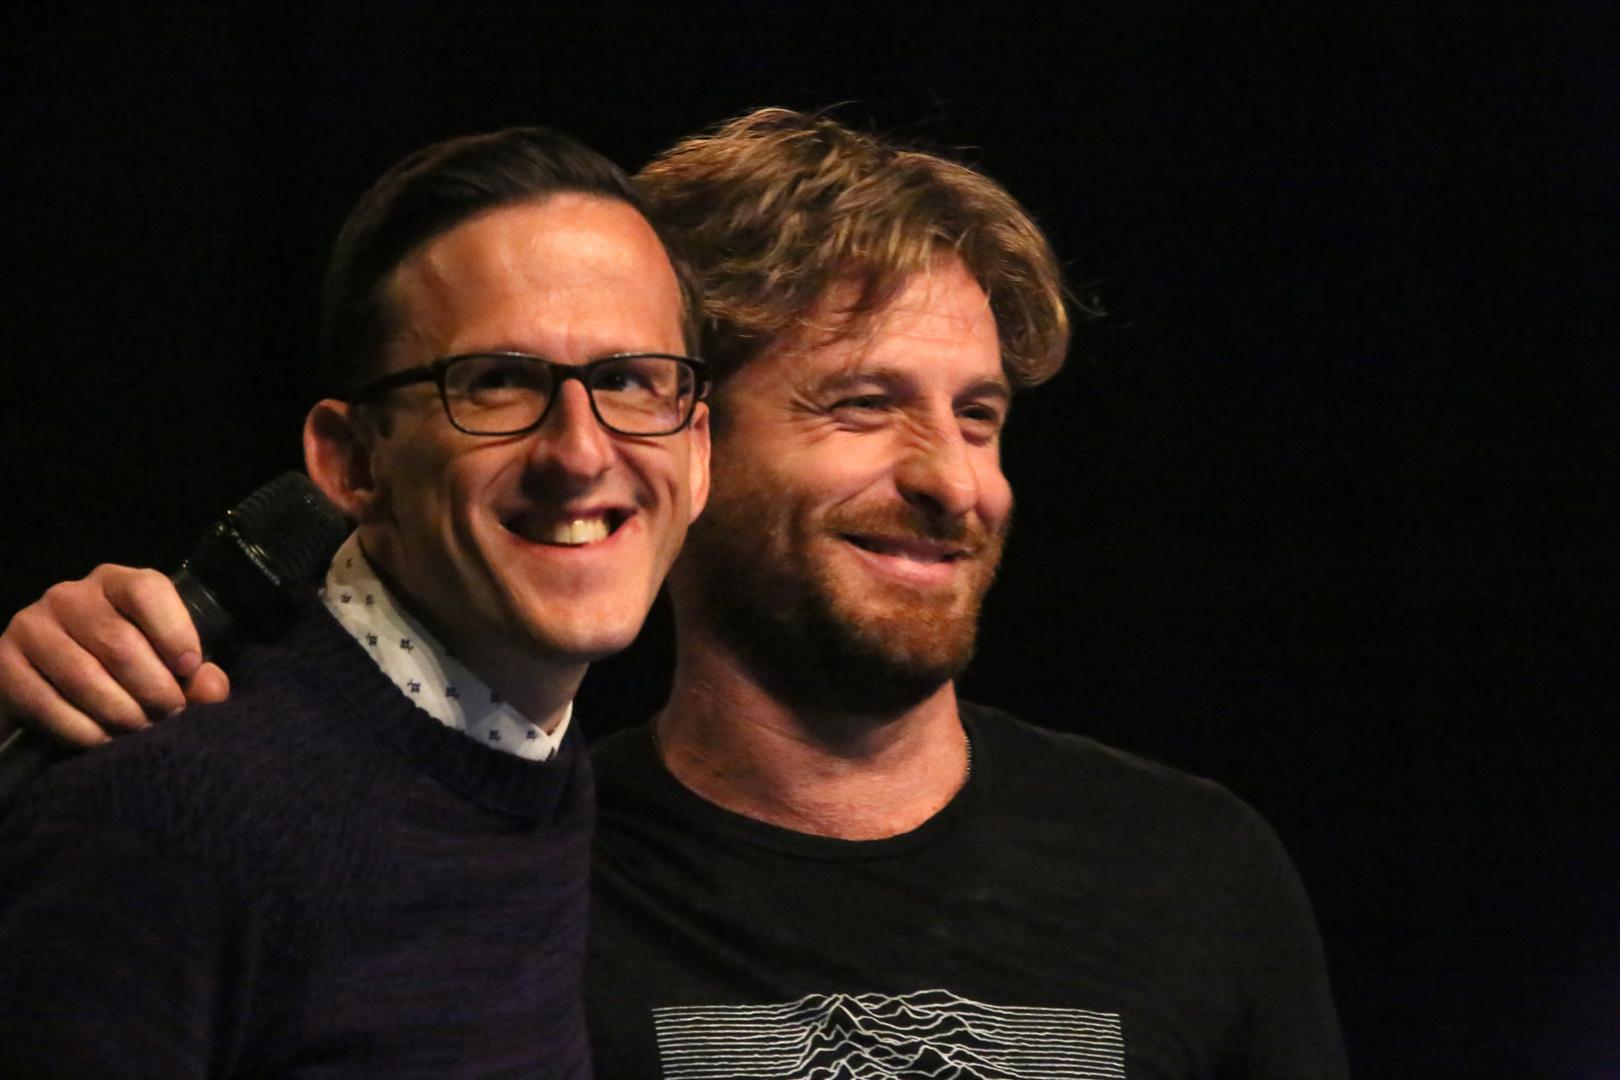 Adam Brown & Dean O'Gorman